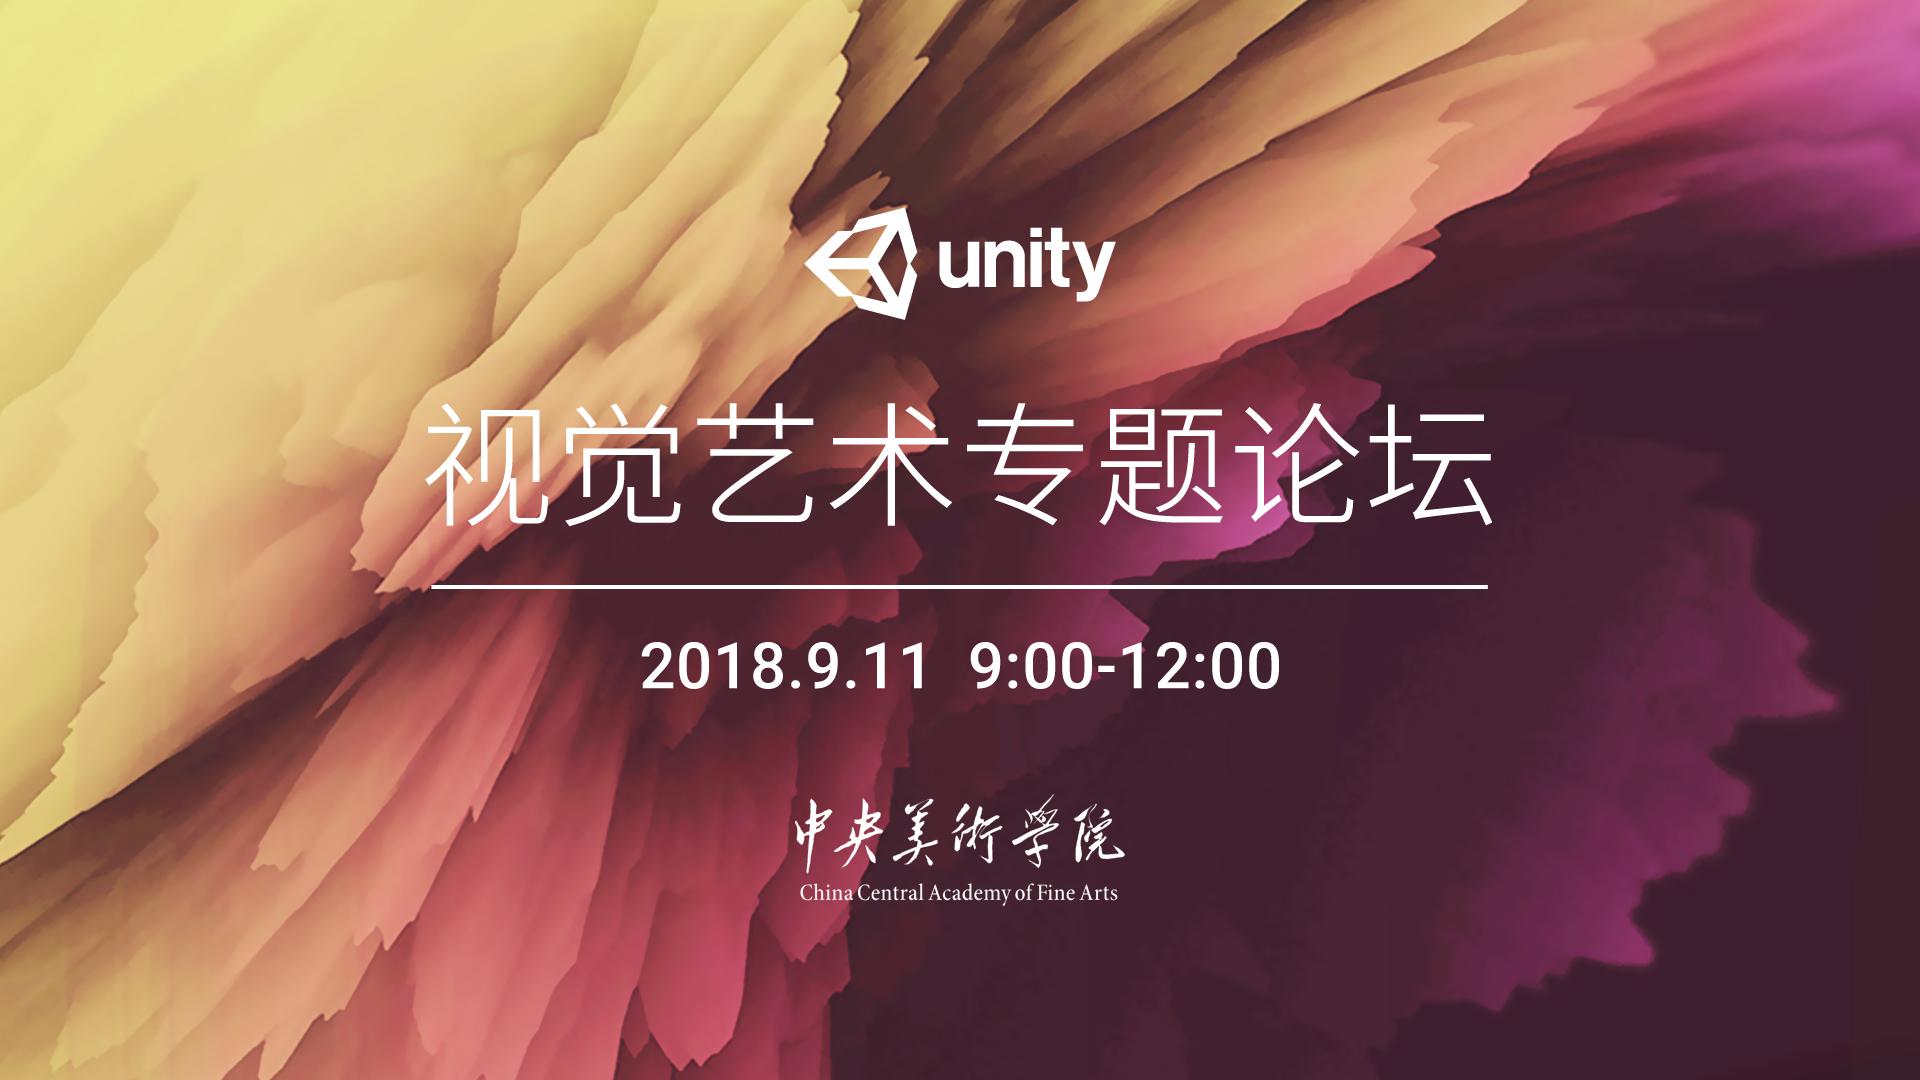 Unity视觉艺术论坛 活动报名启动